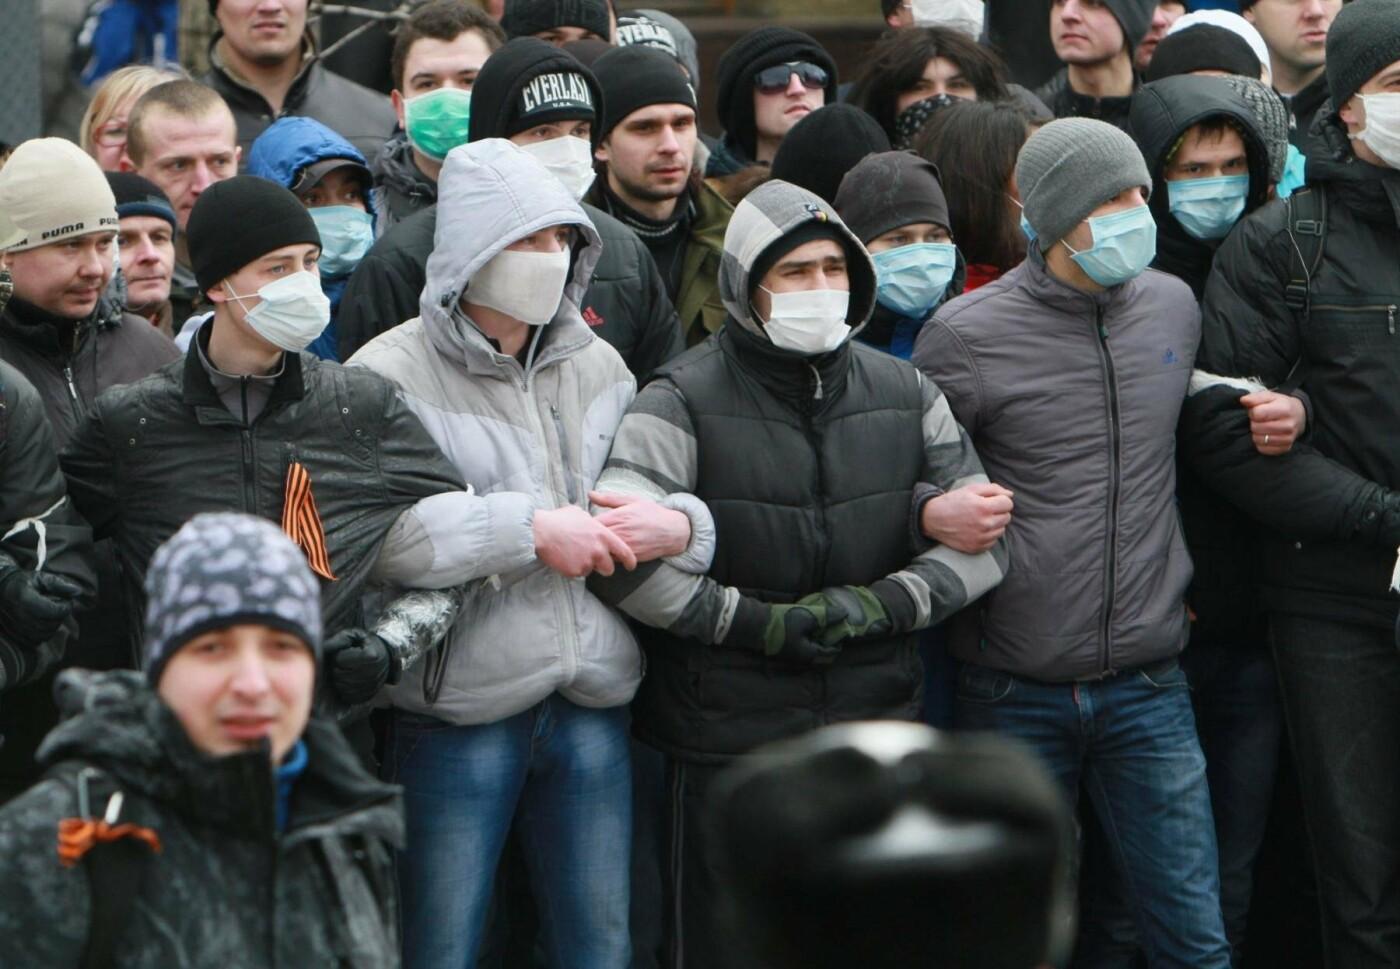 """23 февраля в Донецке 4 года назад: украинцы еще надеялись, но массовка для """"русской весны"""" уже была завезена (Фото), фото-18"""